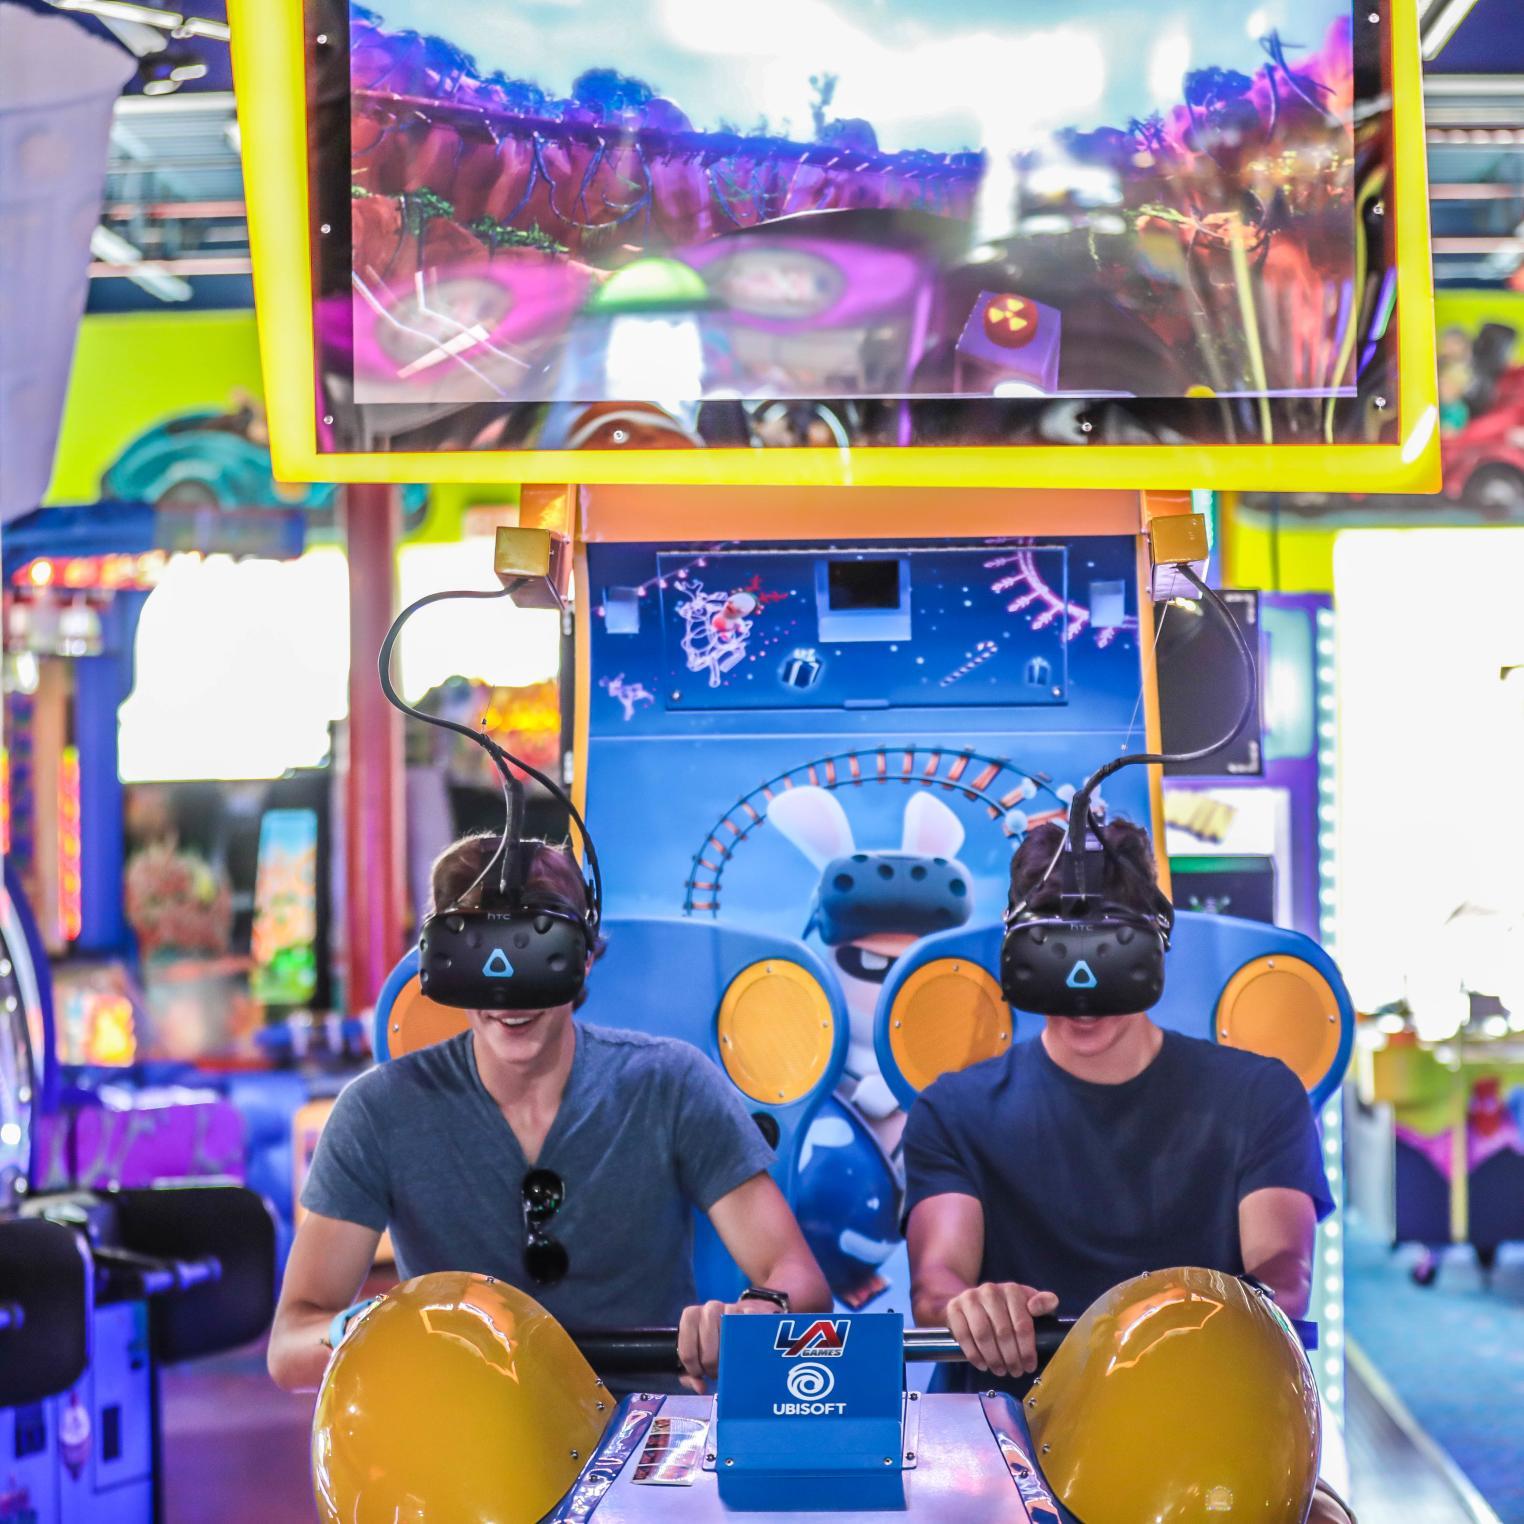 Rabbids VR